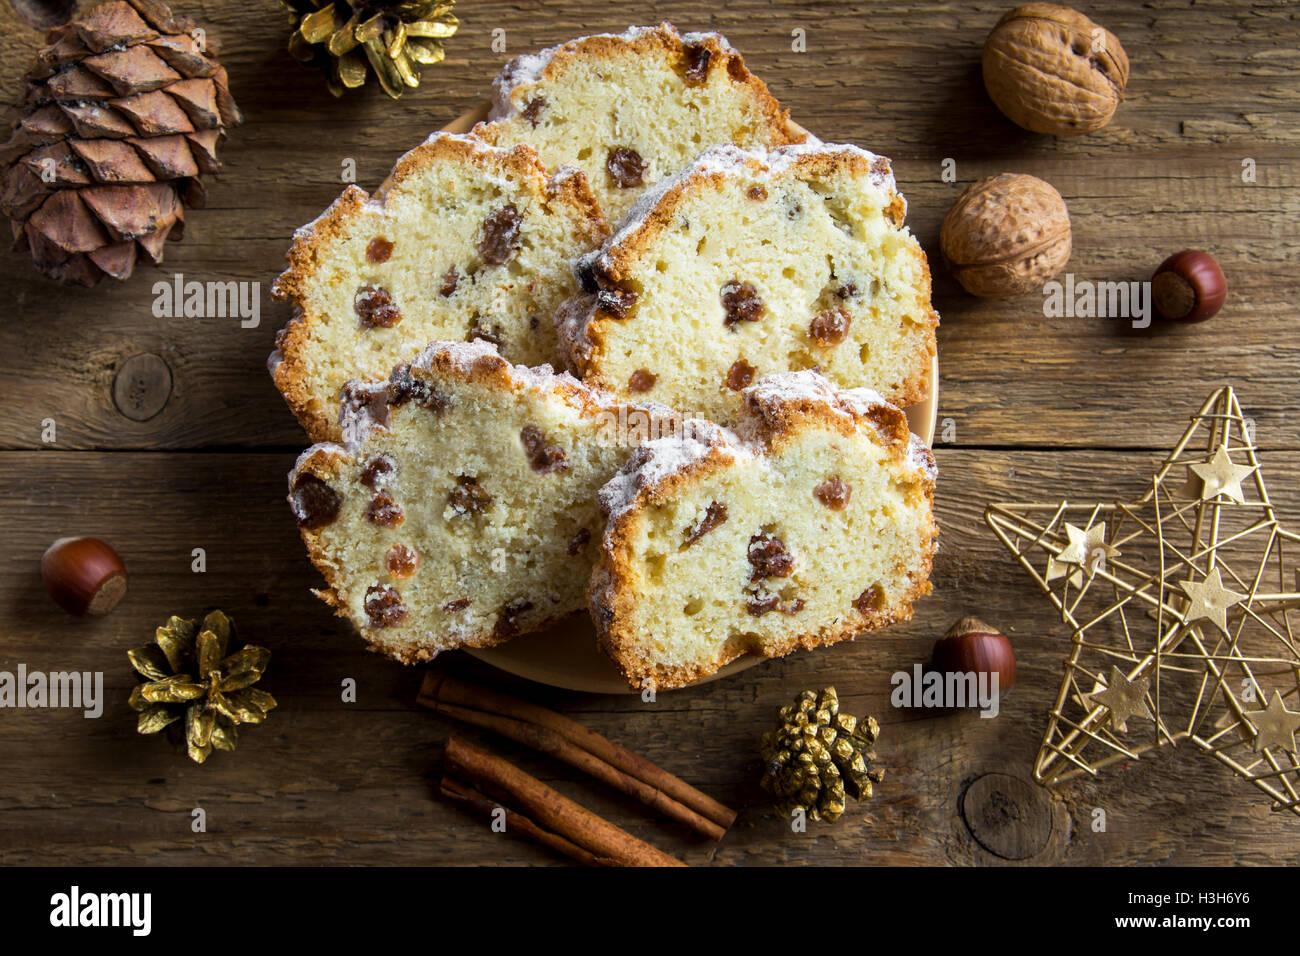 Fiesta de Navidad de pan de frutas (pastel) en placa de madera rústica - panadería de Navidad caseros Imagen De Stock